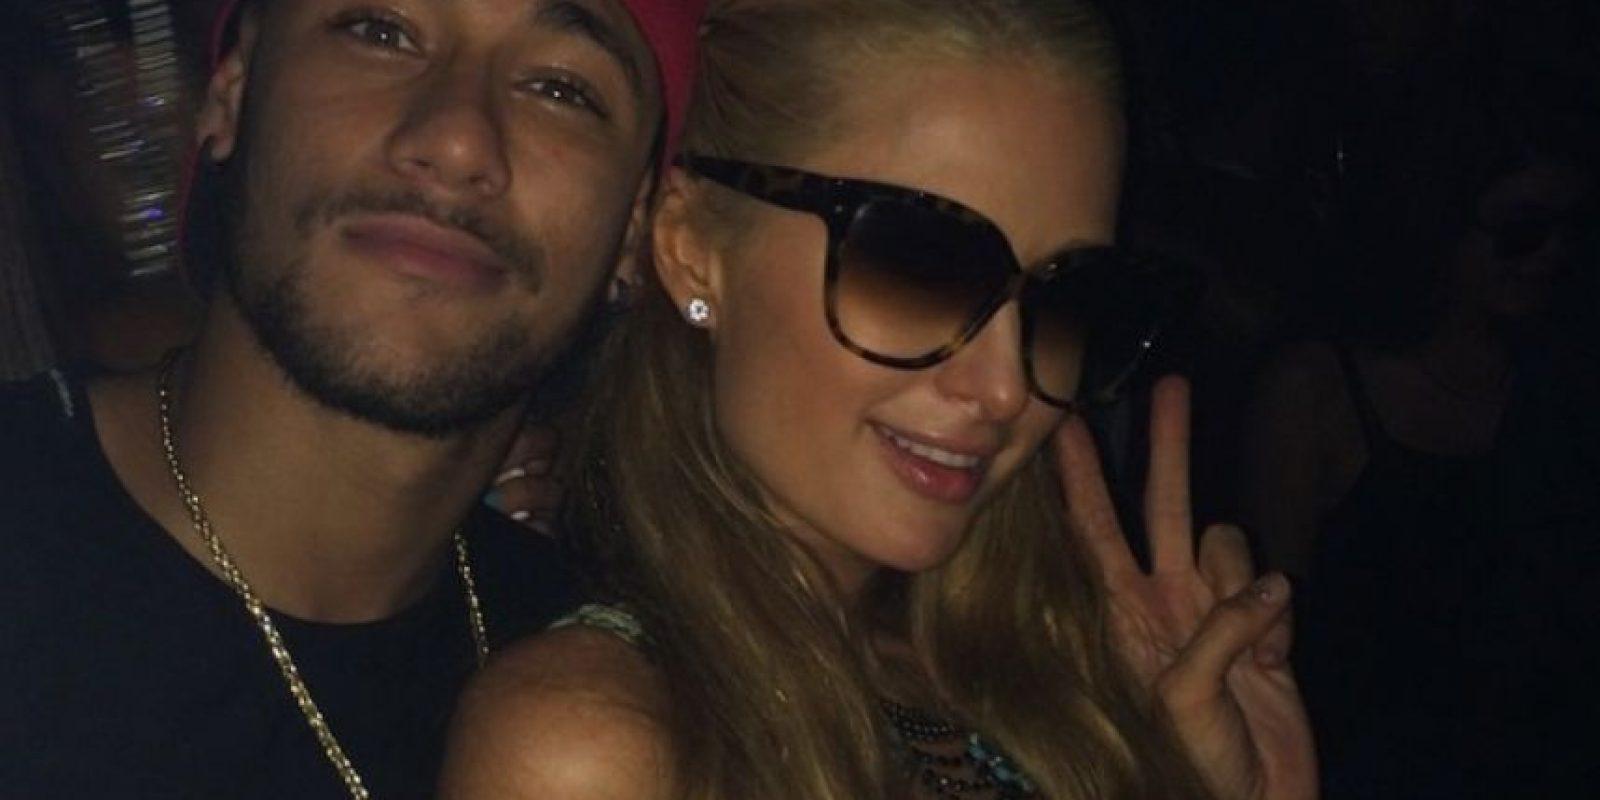 Neymar gusta de utilizar gorras en su look Foto:Instagram: @ neymarjr